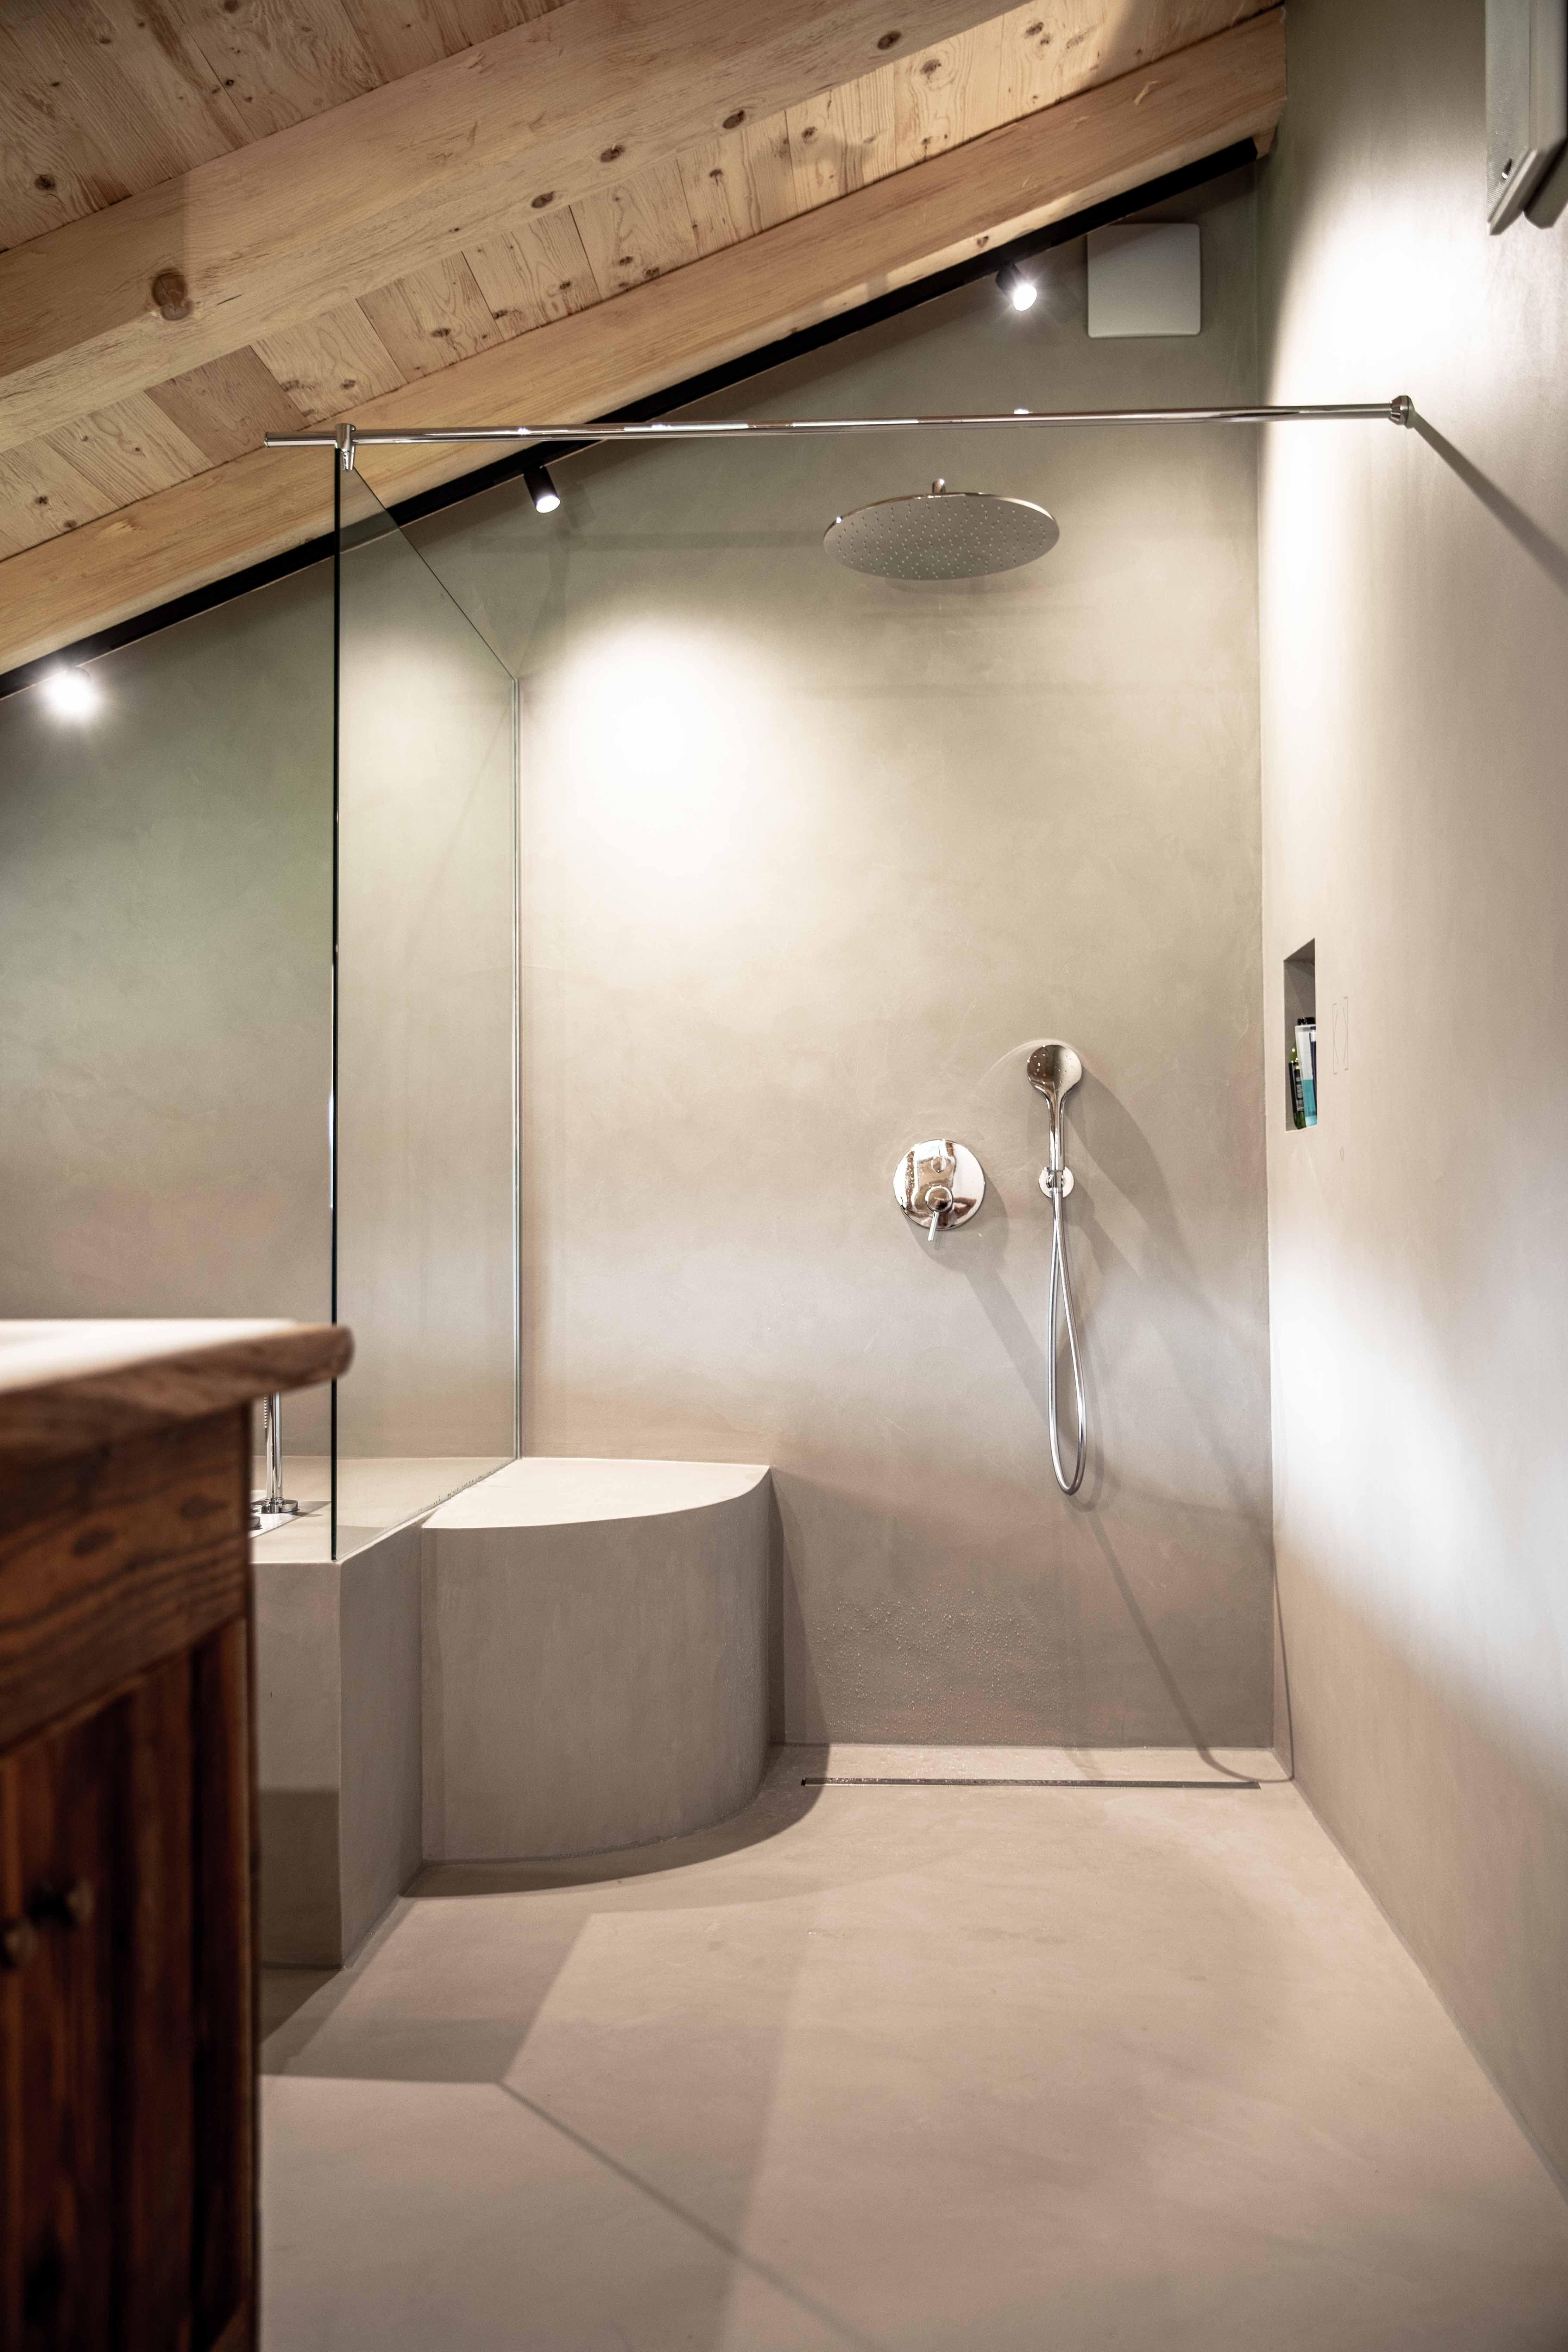 Badezimmer Hd Surface Badezimmer Designestrich Sichtestrich